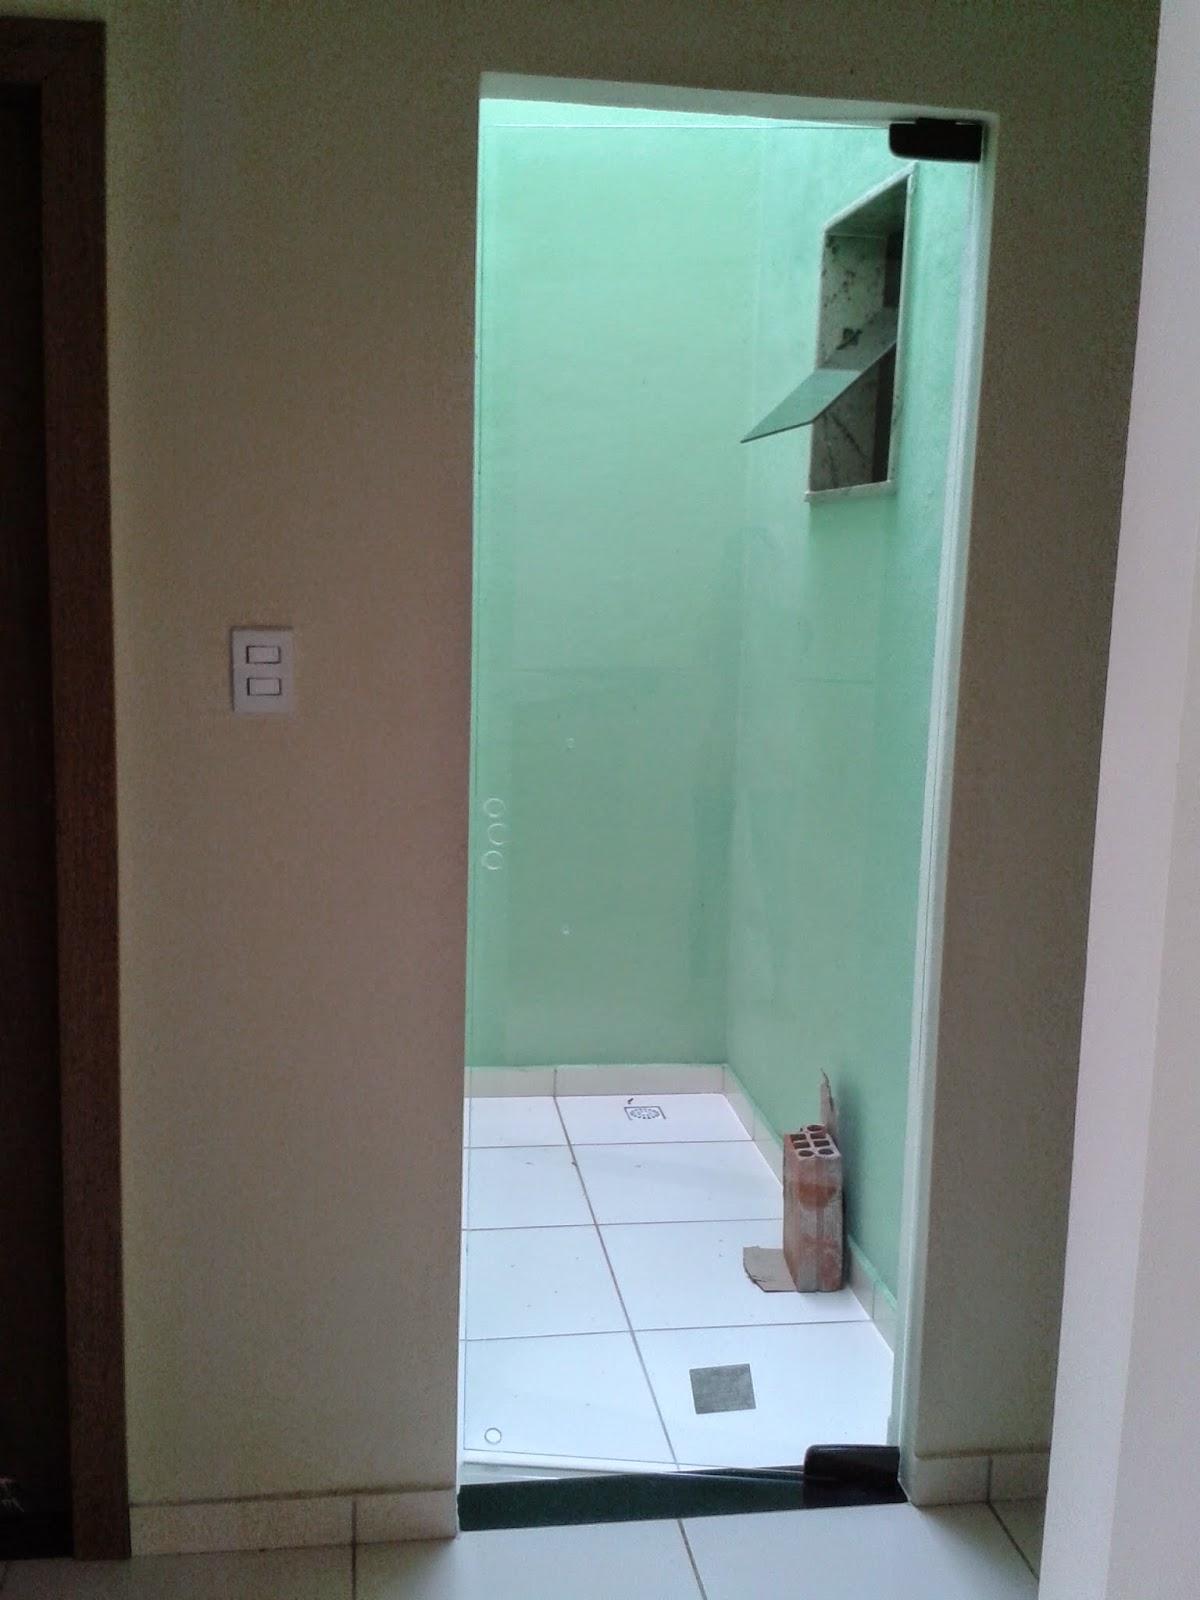 #3A6891 acabamento das janelas dos banheiros e da janela da cozinha  316 Janelas De Vidro Temperado Em Juiz De Fora